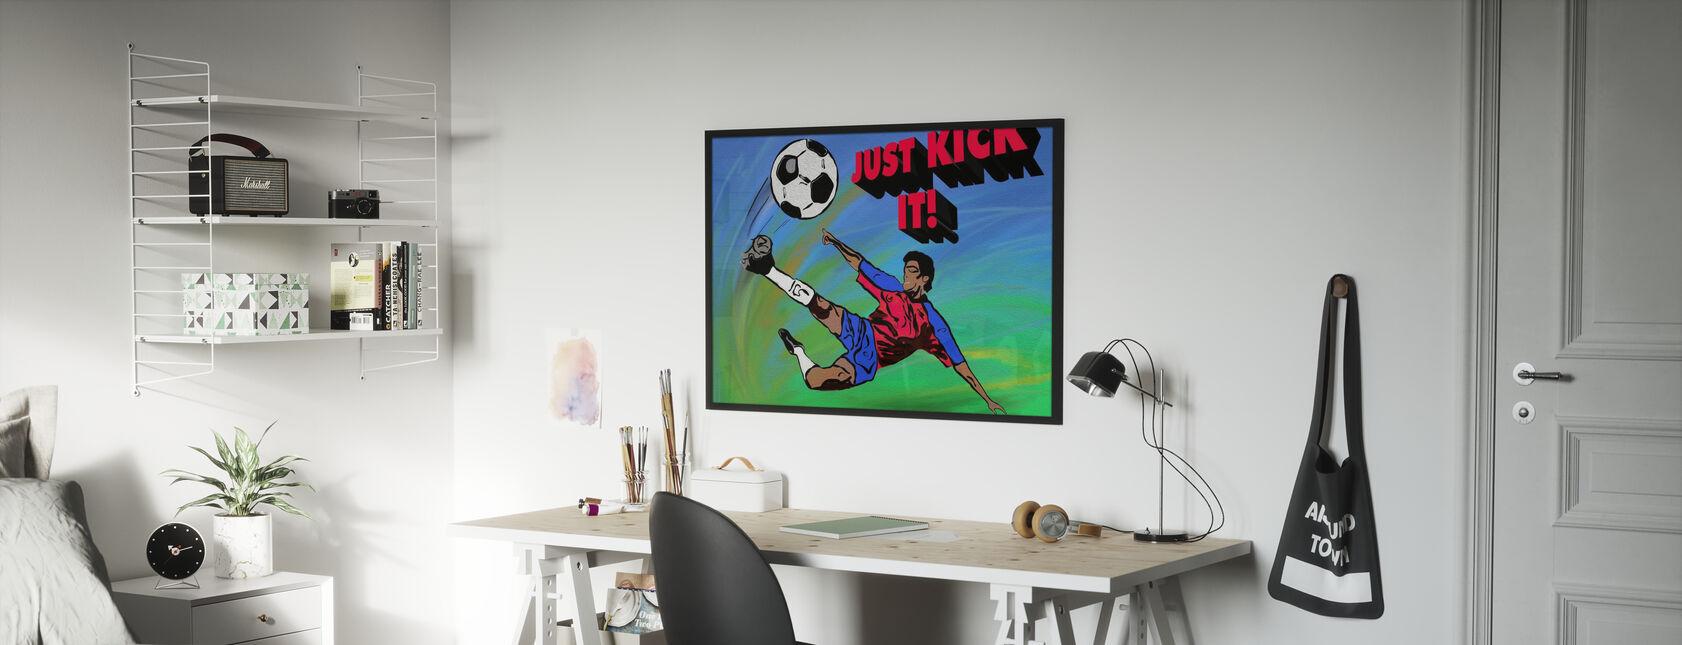 Kick es einfach - Poster - Kinderzimmer